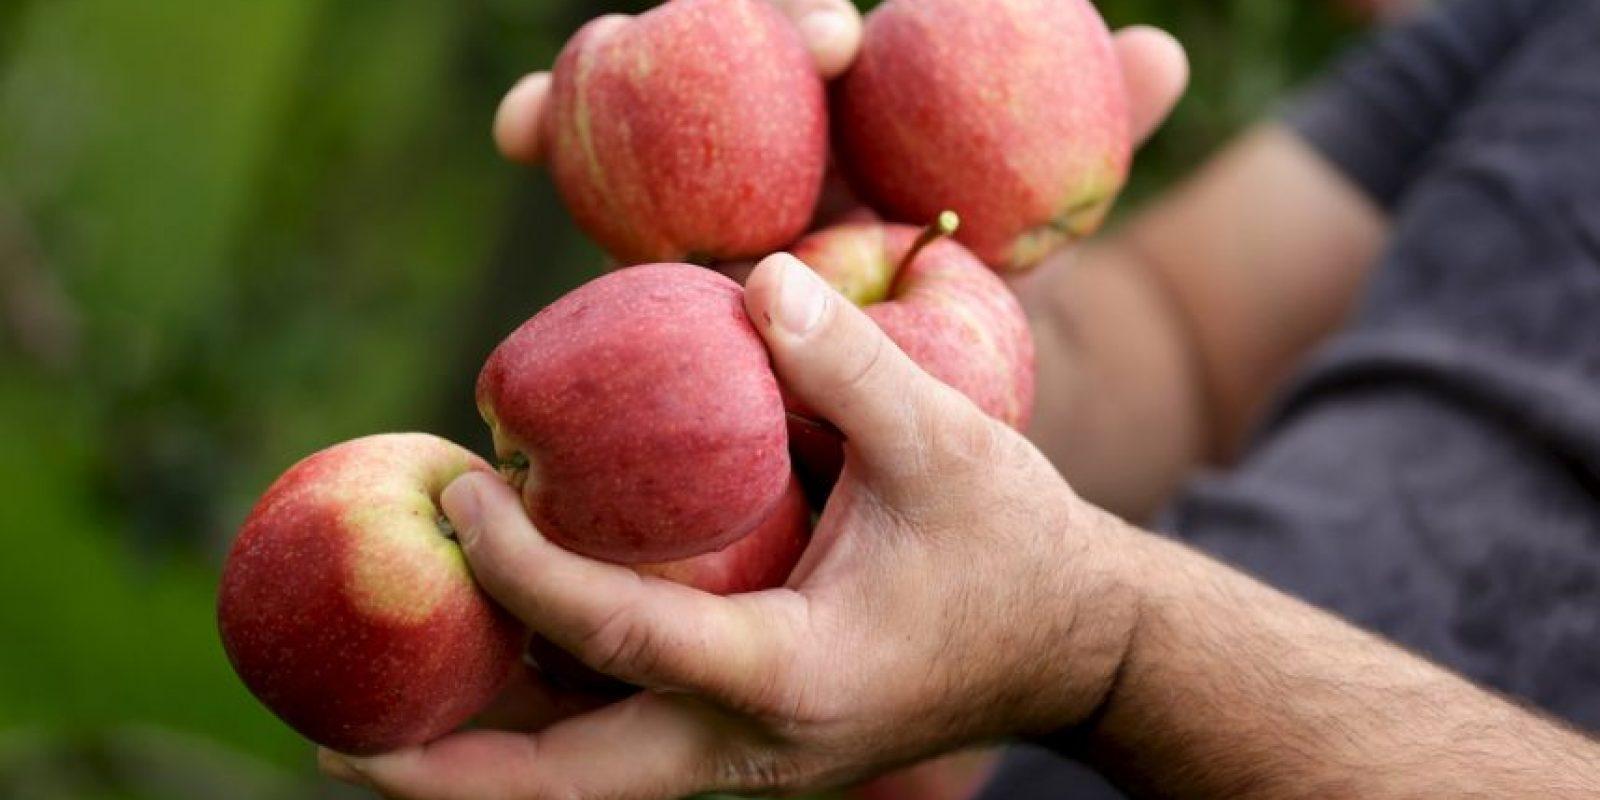 4. El precio de un kilogramo de manzanas (2.20 libras) Foto:Getty Images